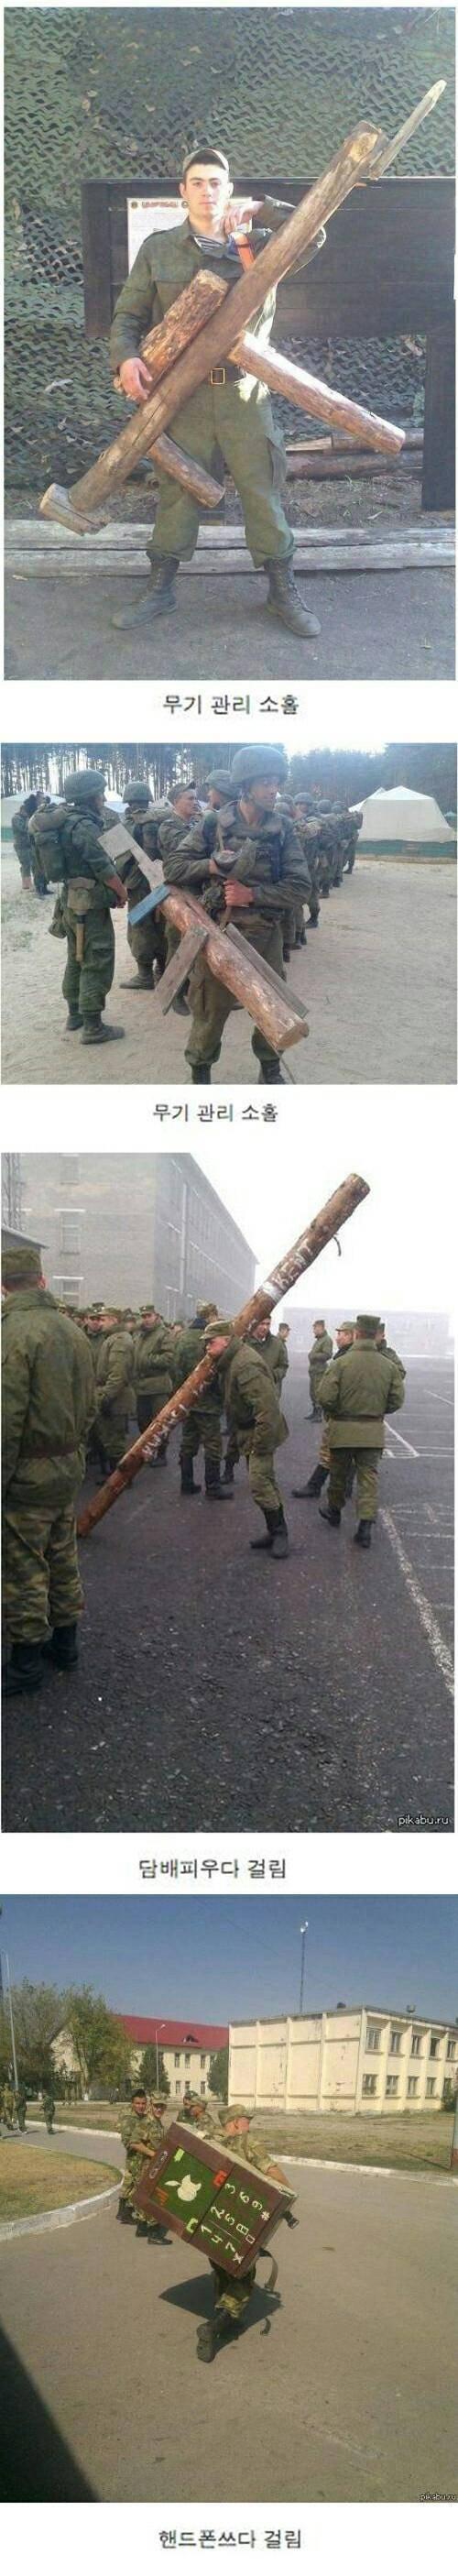 러시아 군인들의 벌😅 | 인스티즈